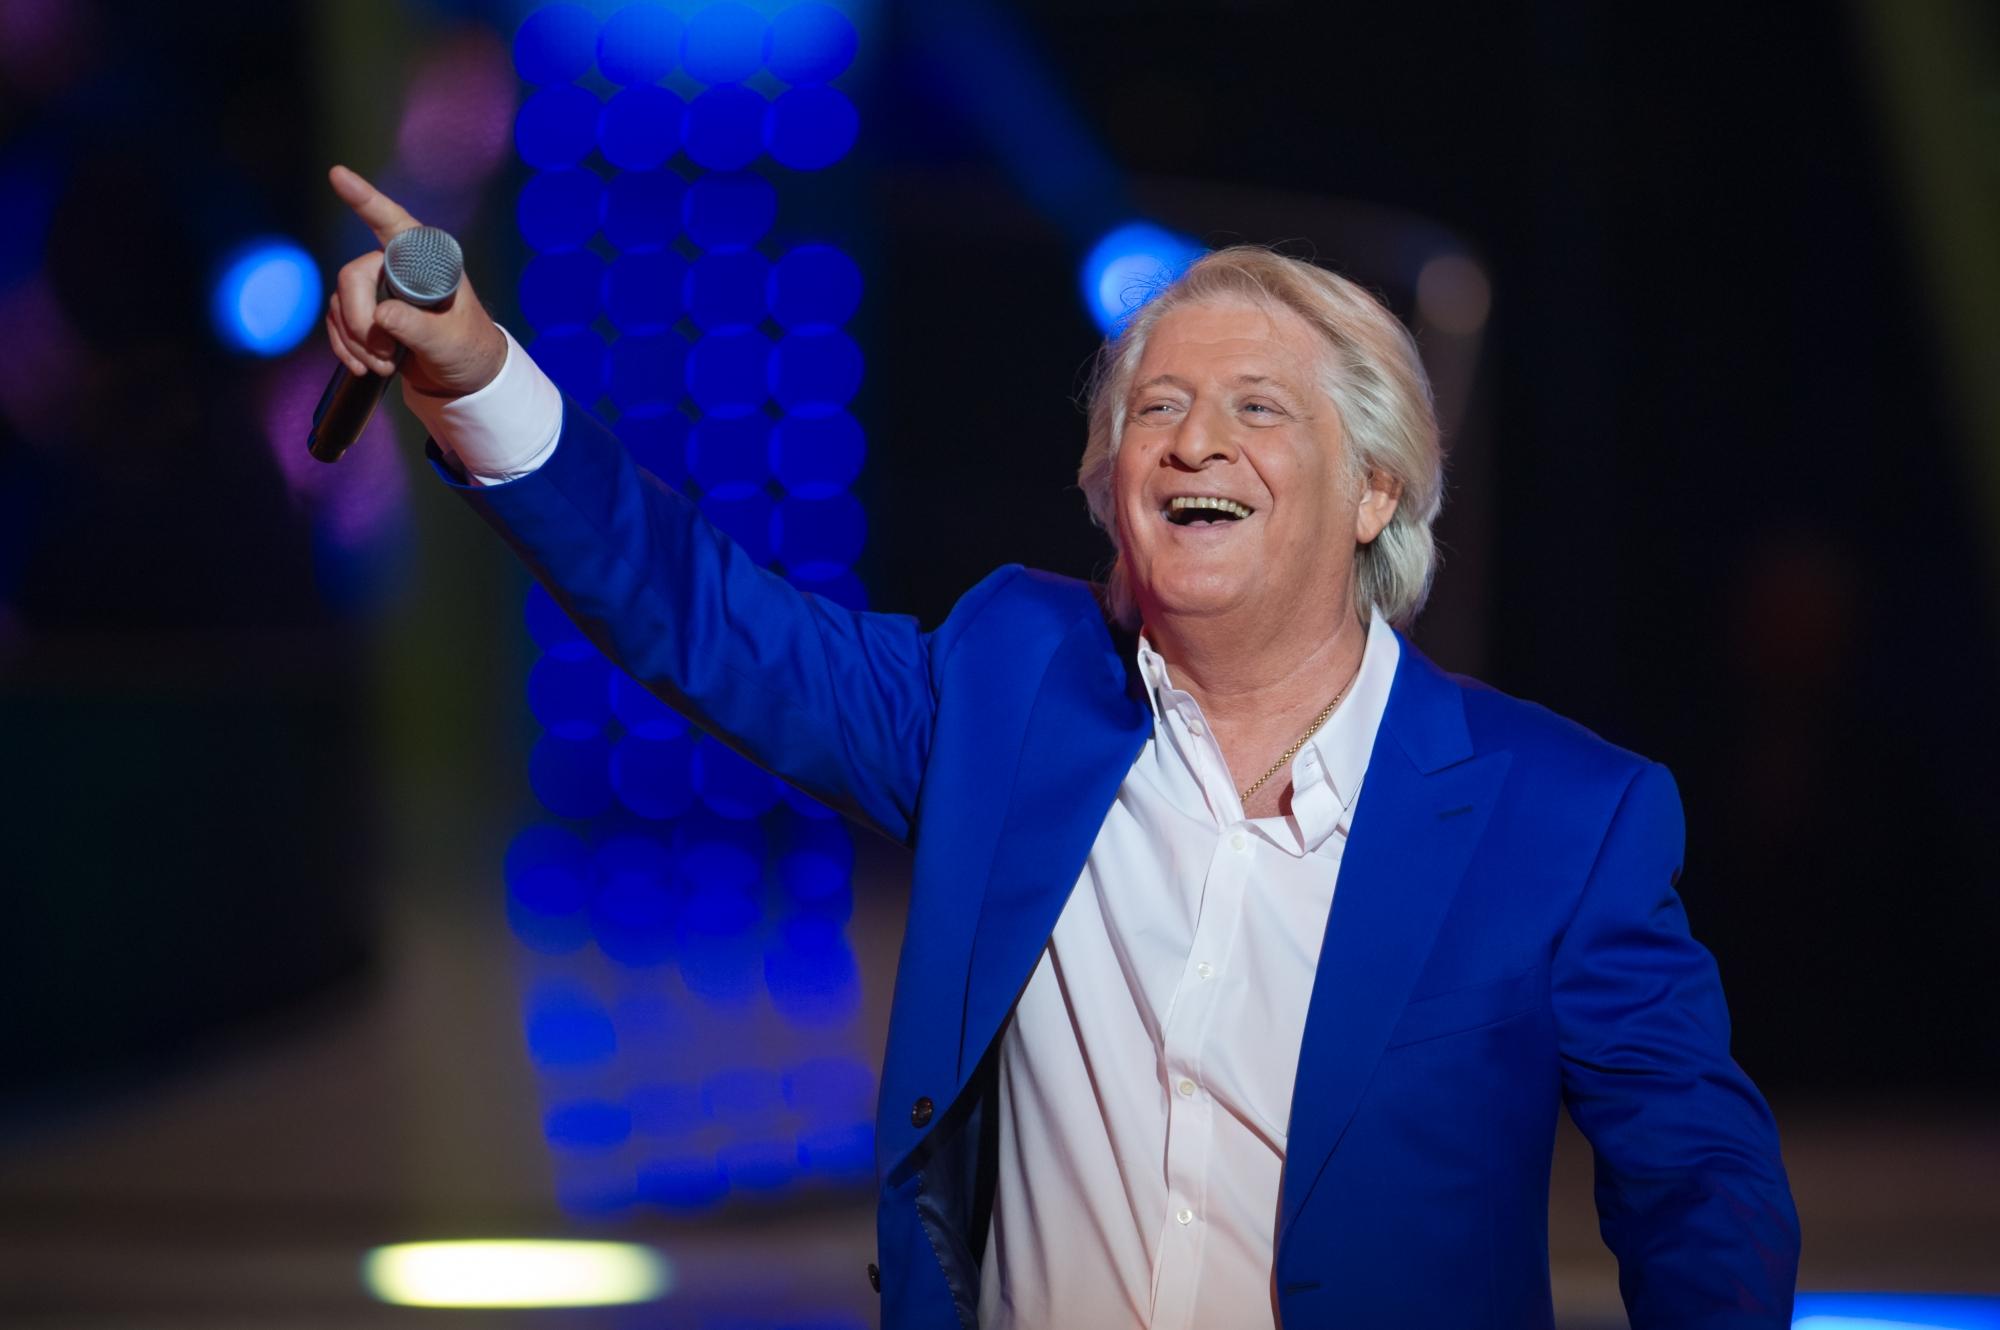 Patrick Sébastien prépare une nouvelle émission pour France 2